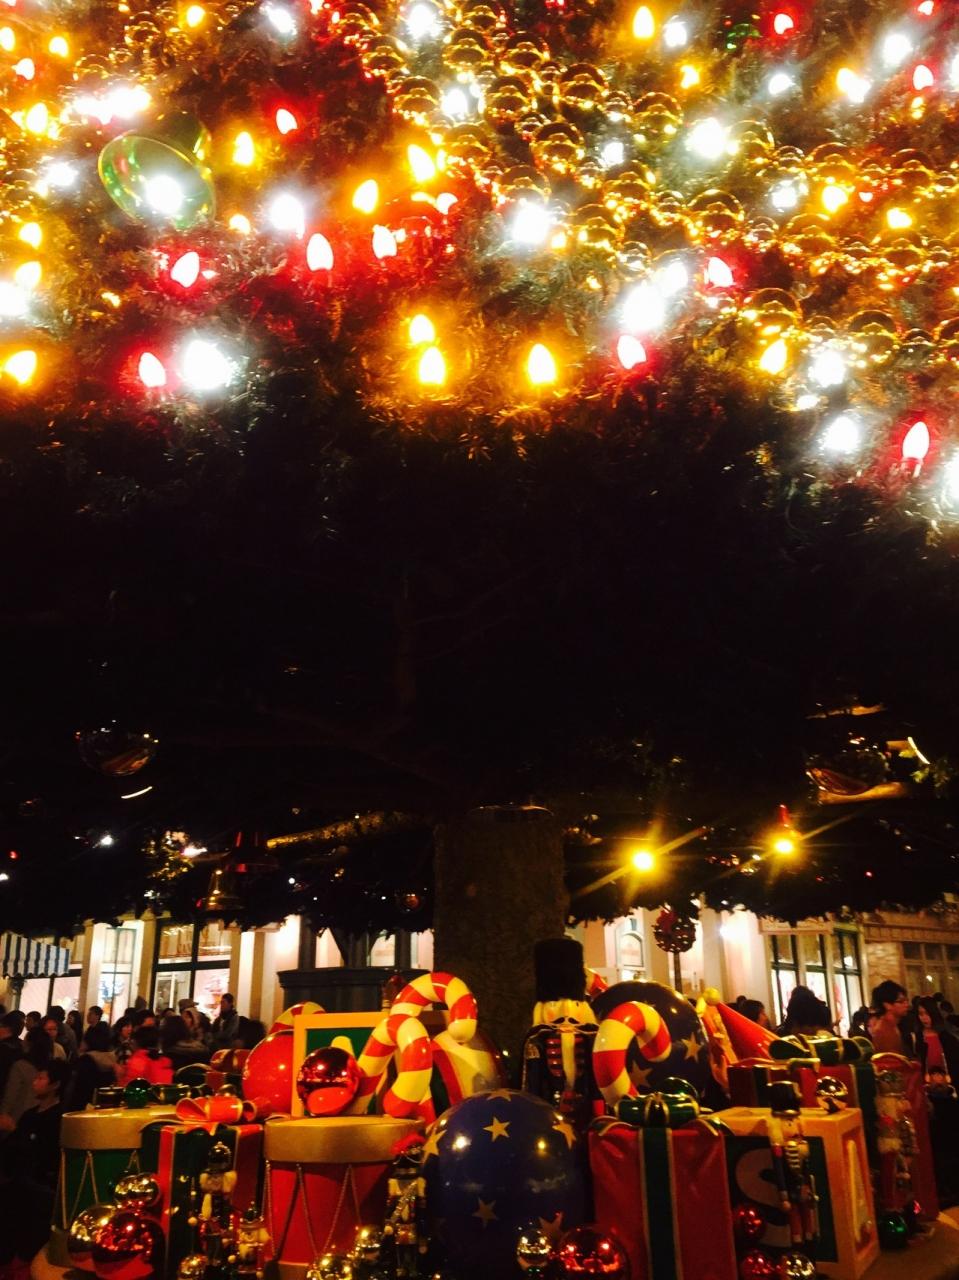 クリスマスディズニーランド2016』東京ディズニーリゾート(千葉県)の旅行